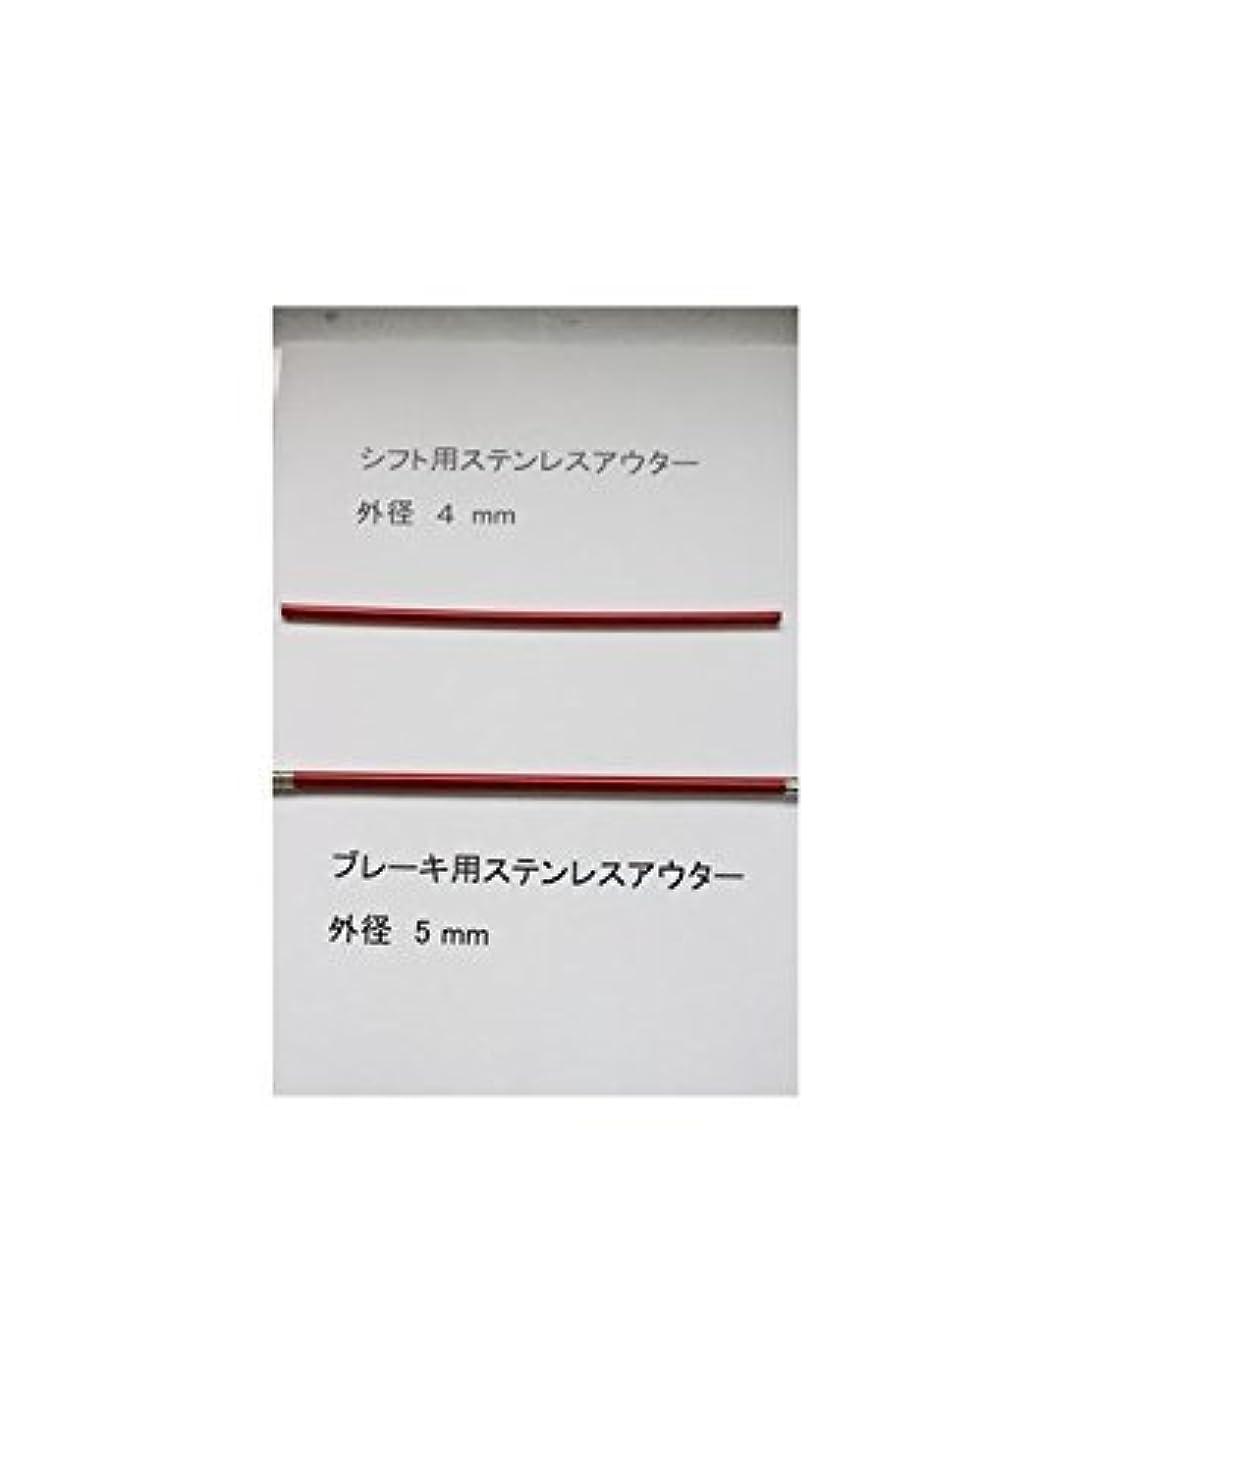 ディプロマスクラッチインカ帝国NISSEN CABLE CO,LTD(ニッセンケーブルカブシキガイシャ) ステンアウター平線タイプ シフト用 2m巻 クリアーレッド